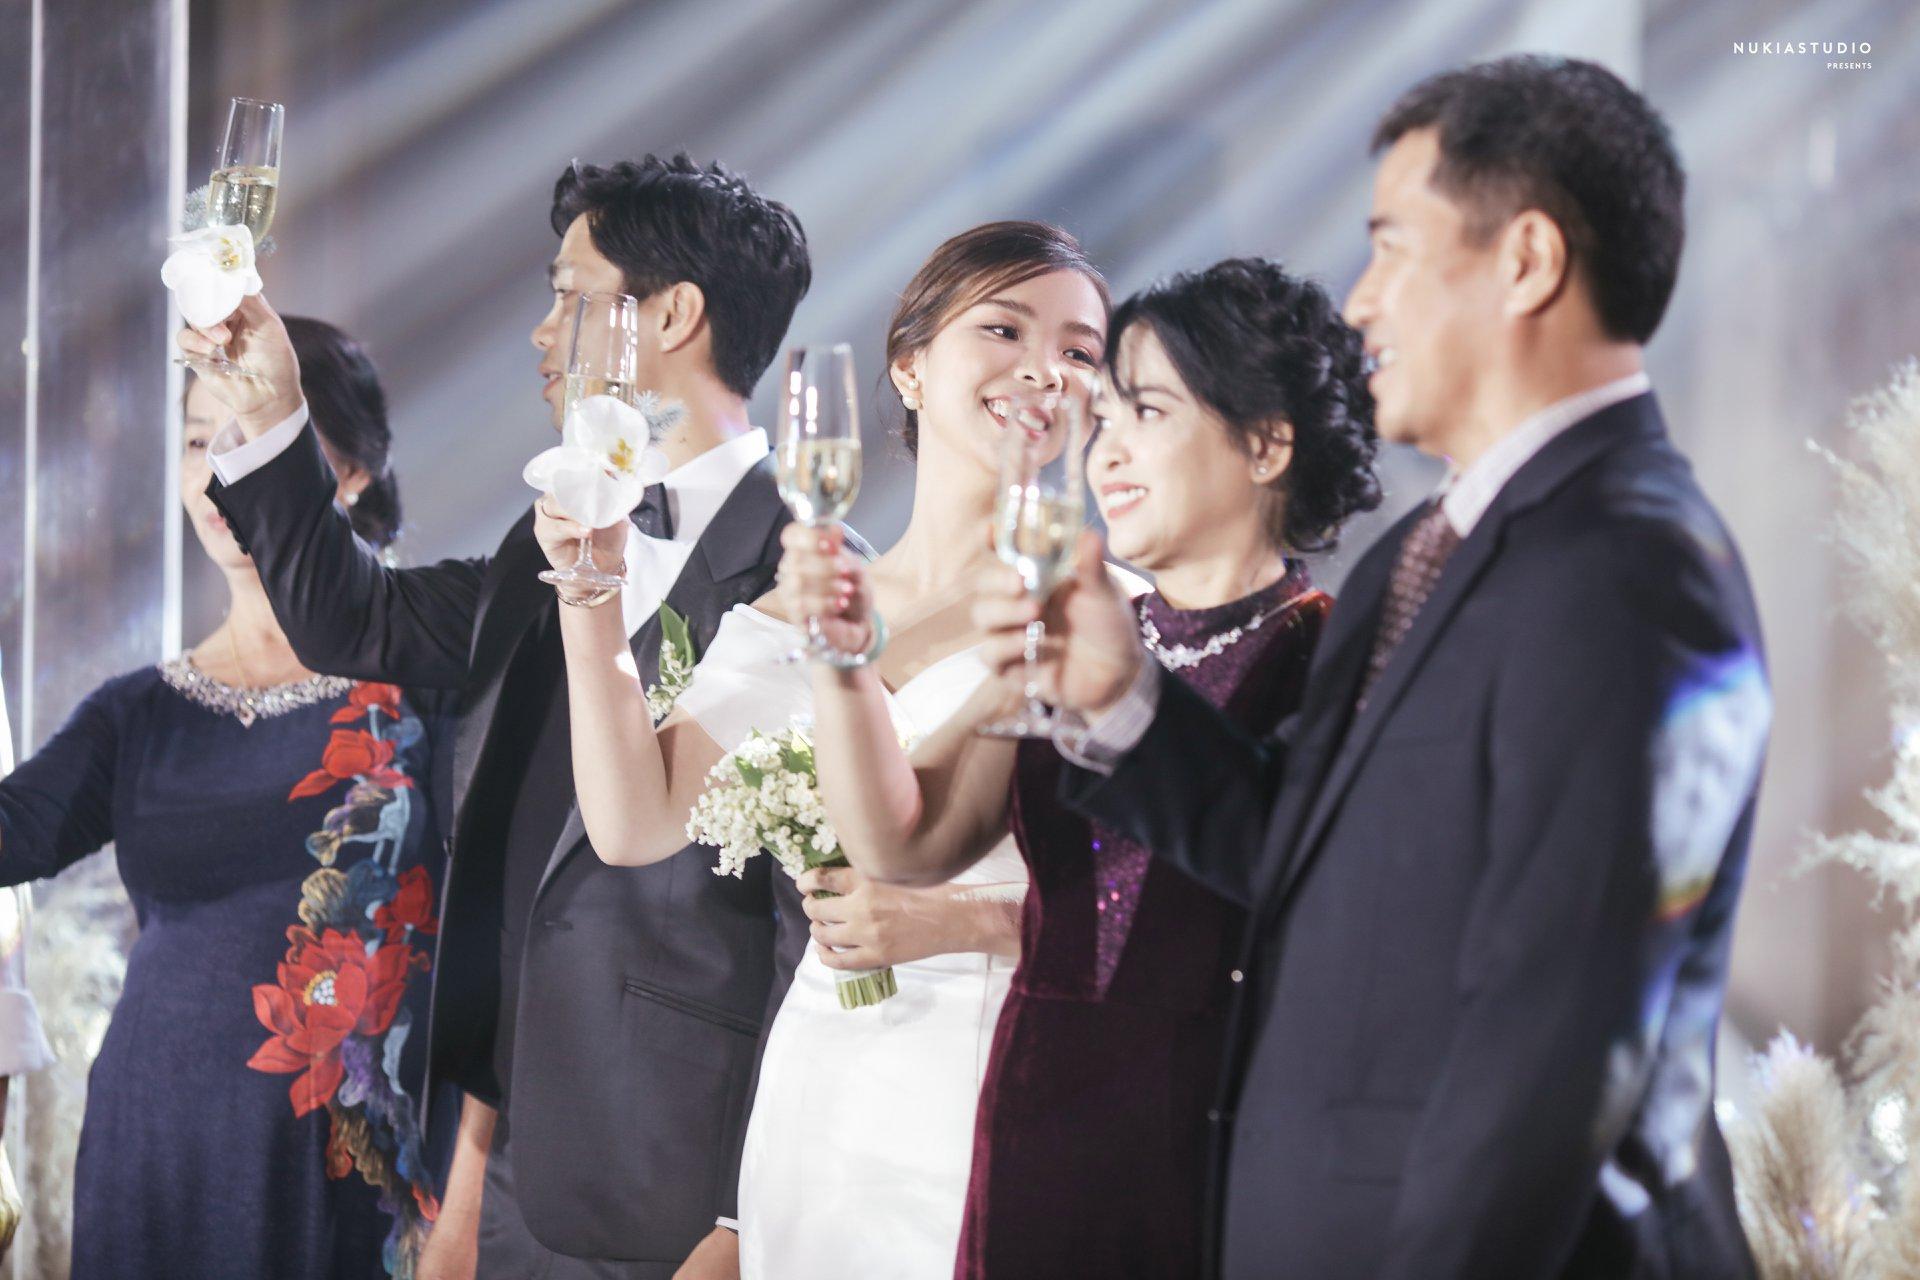 Phần lễ được tổ chức tại gia đình, còn phần tiệc được tổ chức tại một khách sạn 5 sao ở TP.HCM